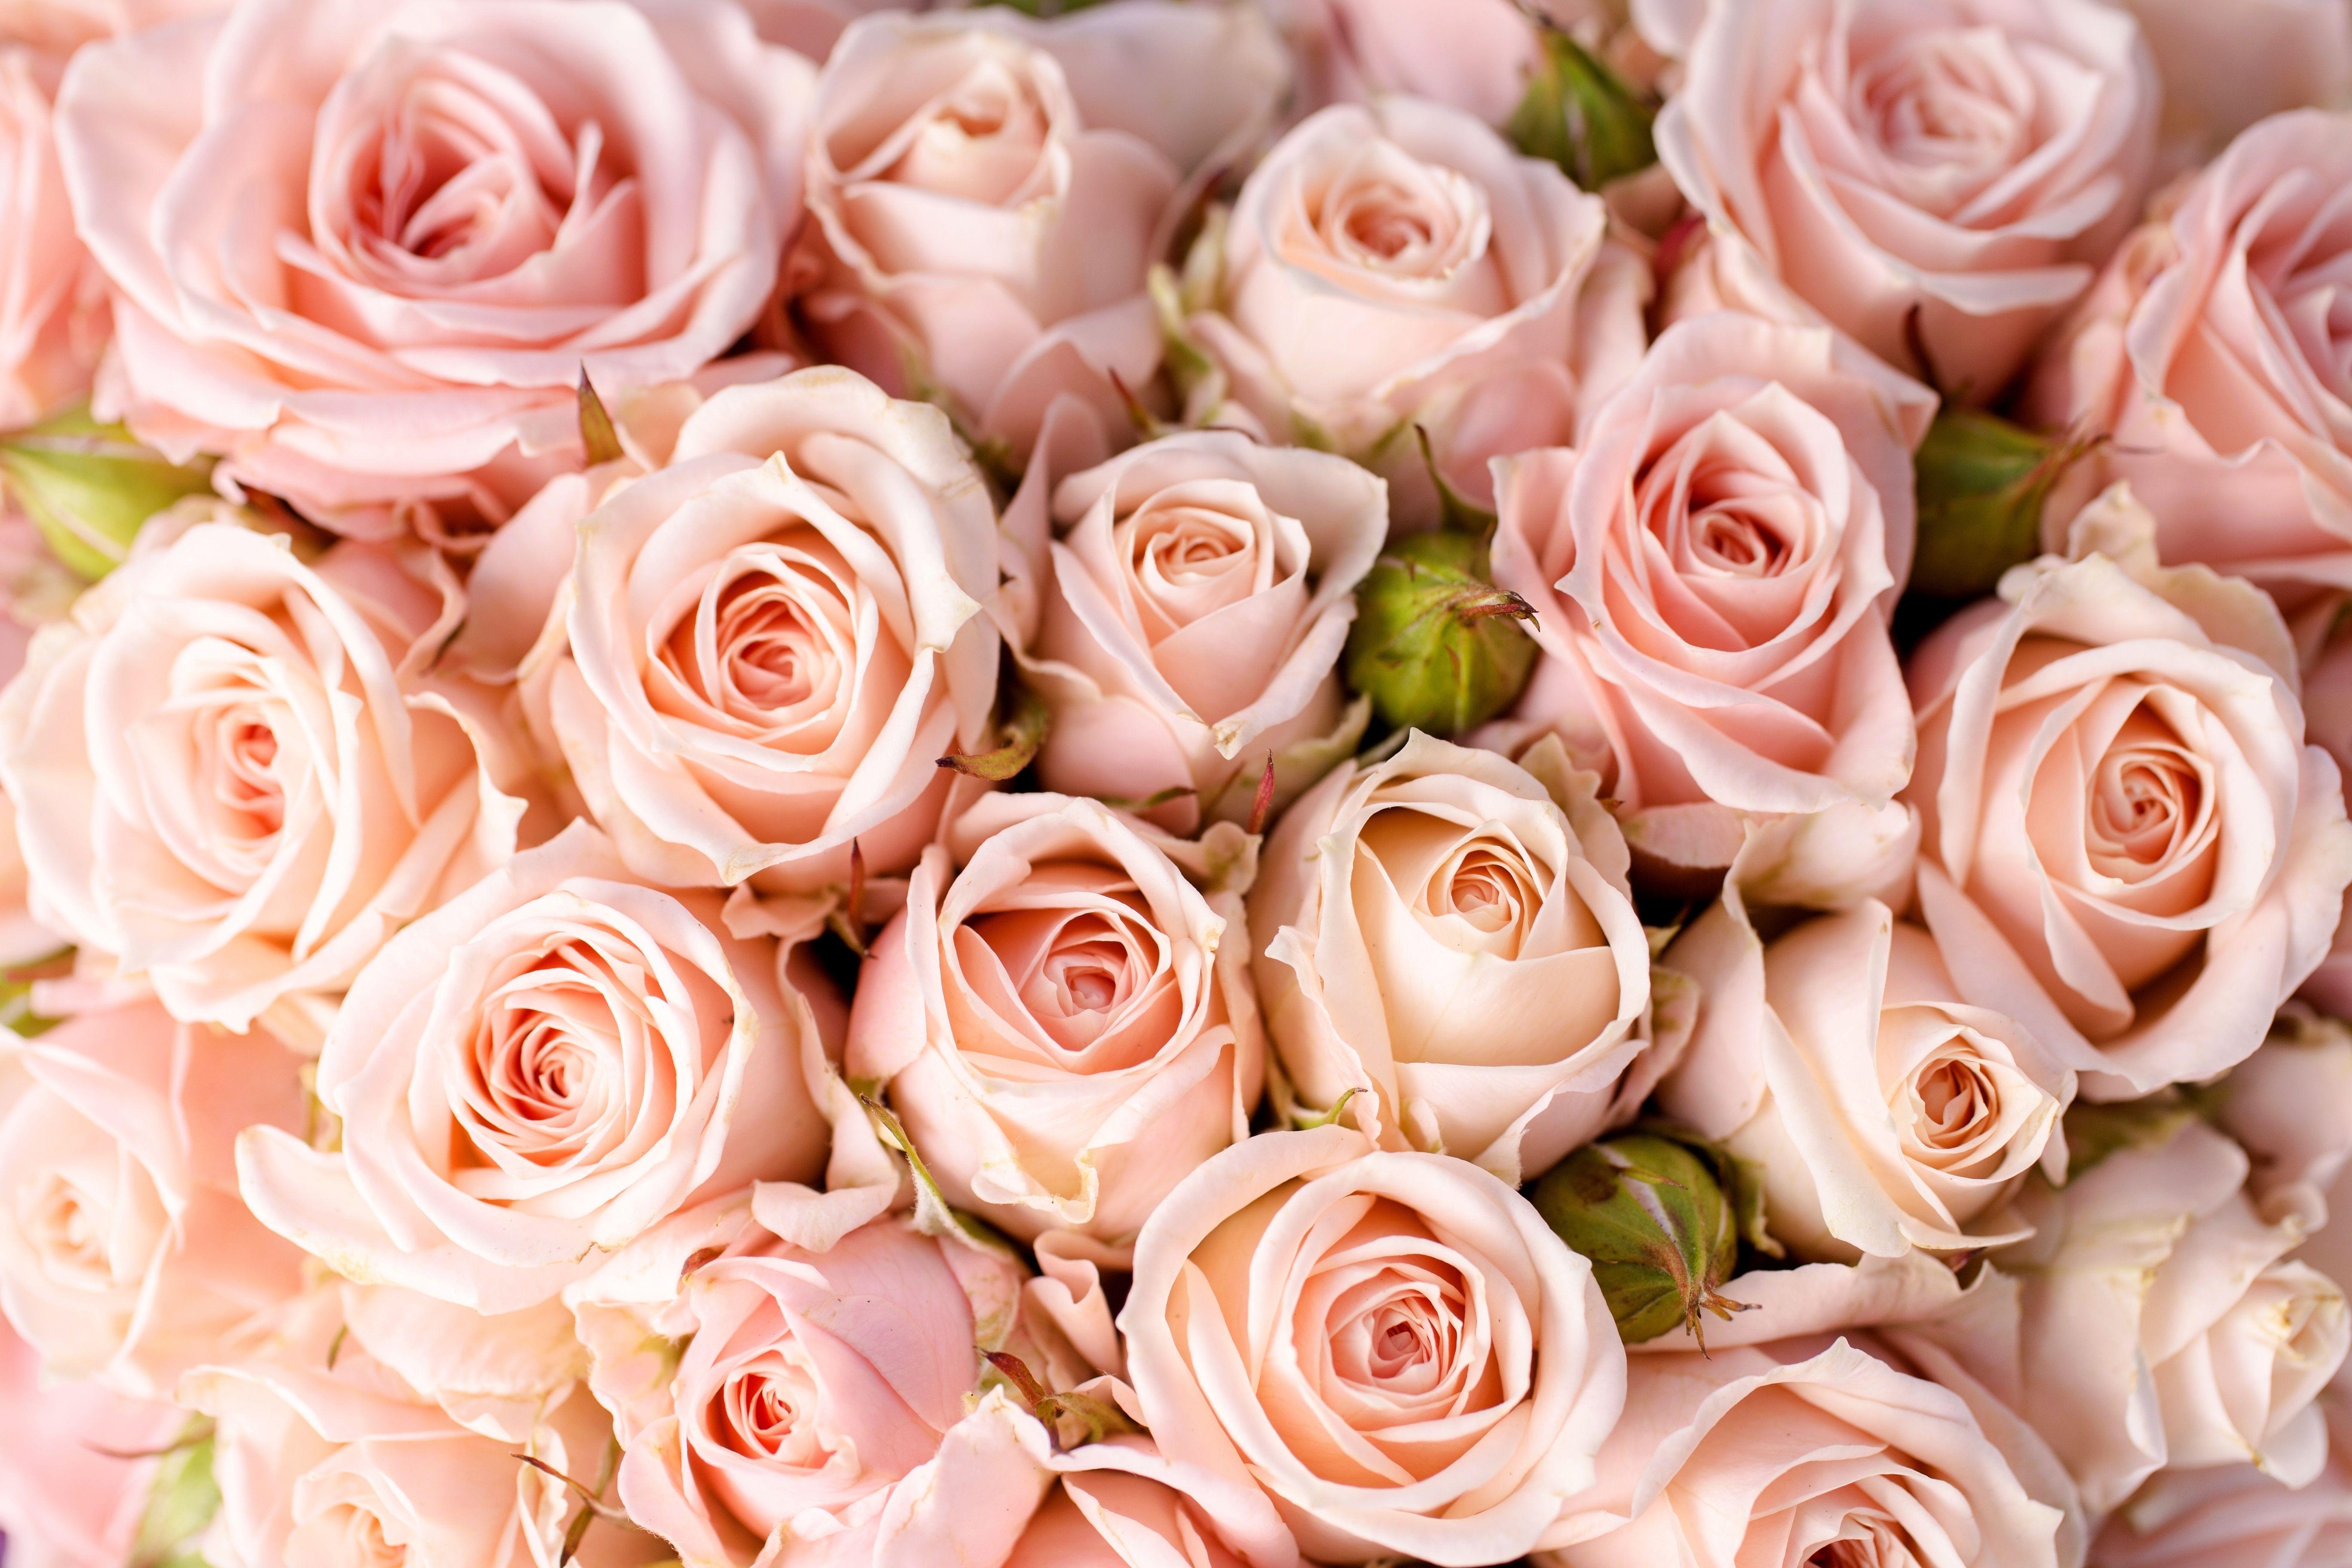 работающий картинки роз в высоком разрешении этом